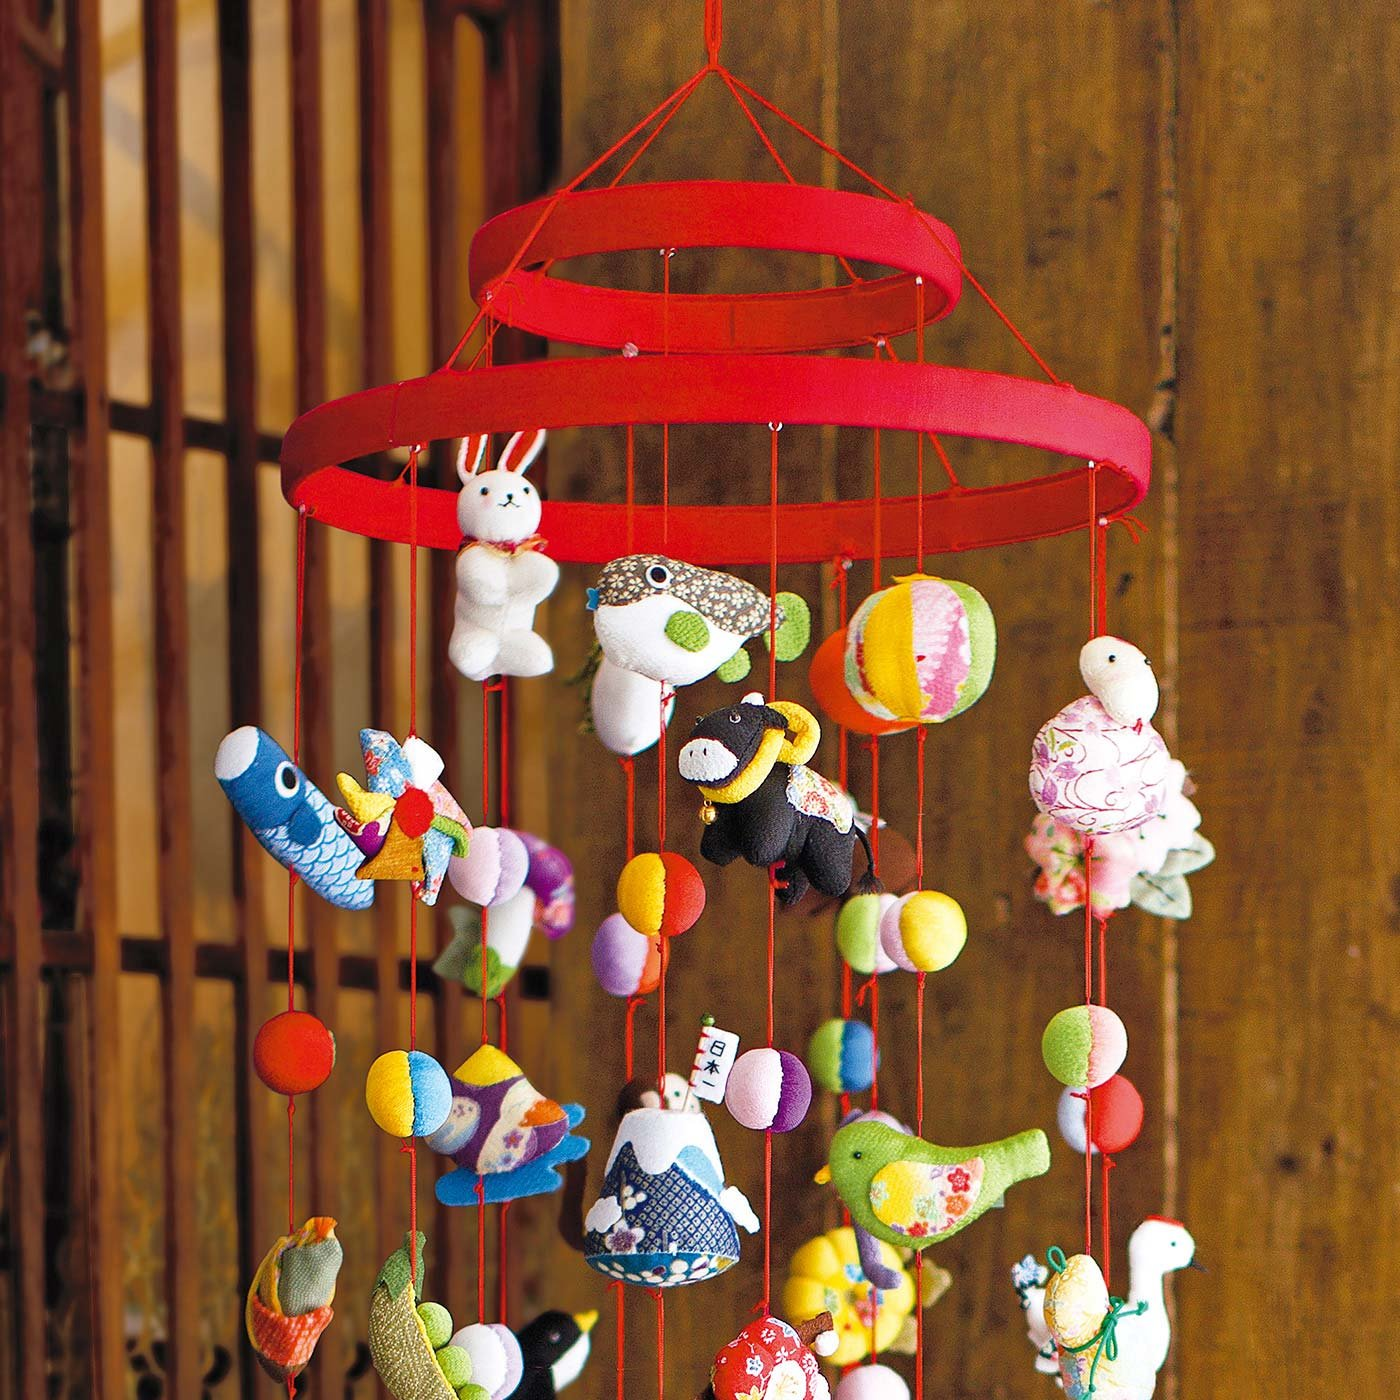 家族のお守り 干支と縁起もの つるし飾りの輪飾り